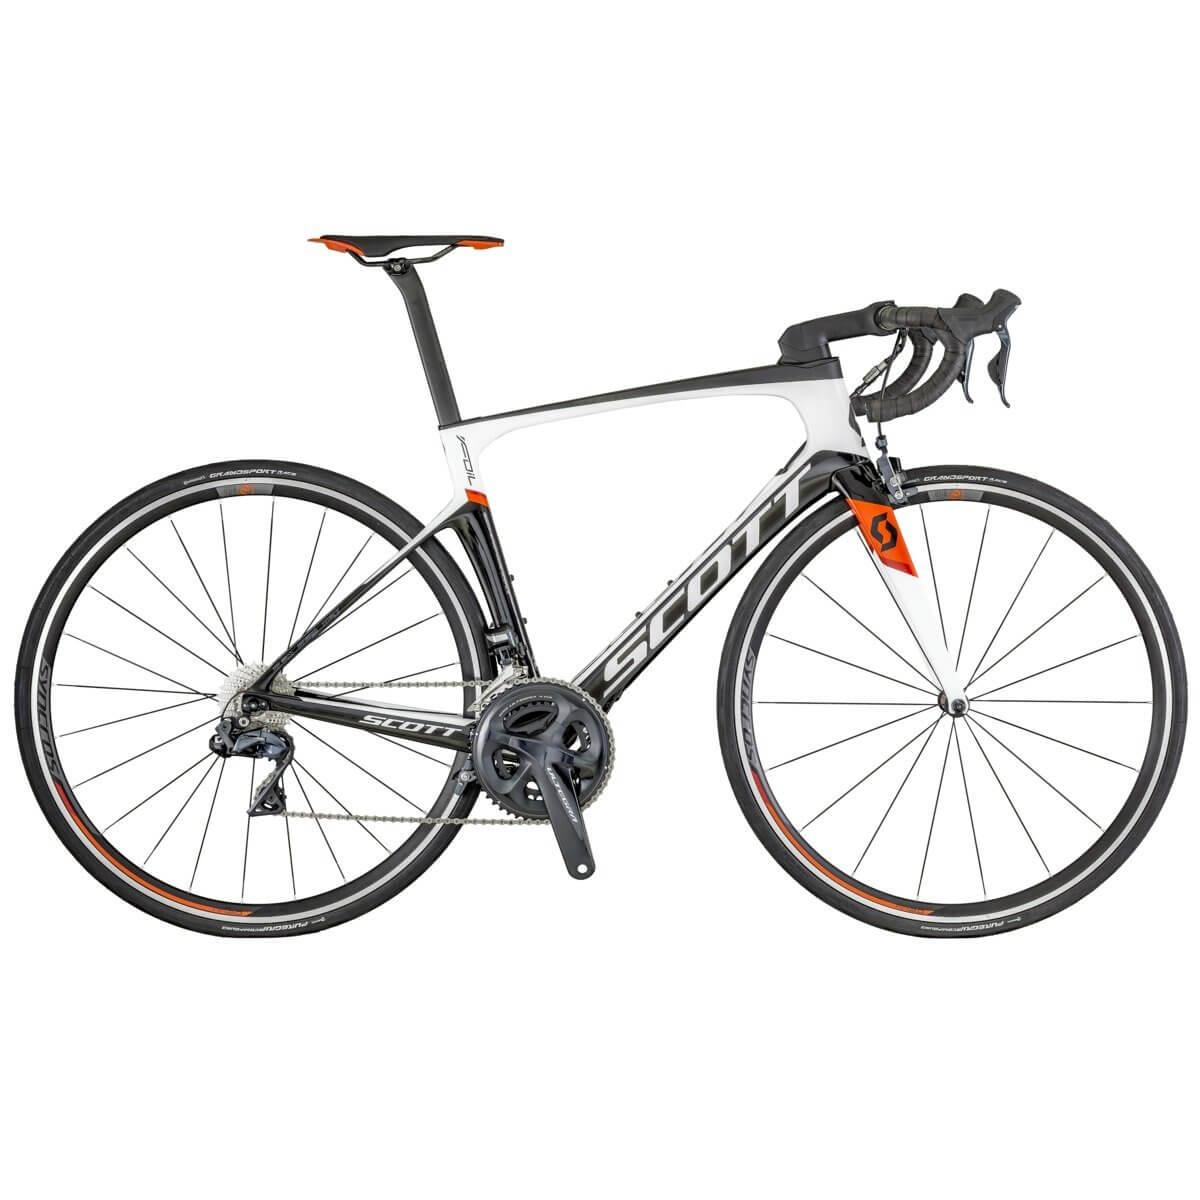 2018 road bike